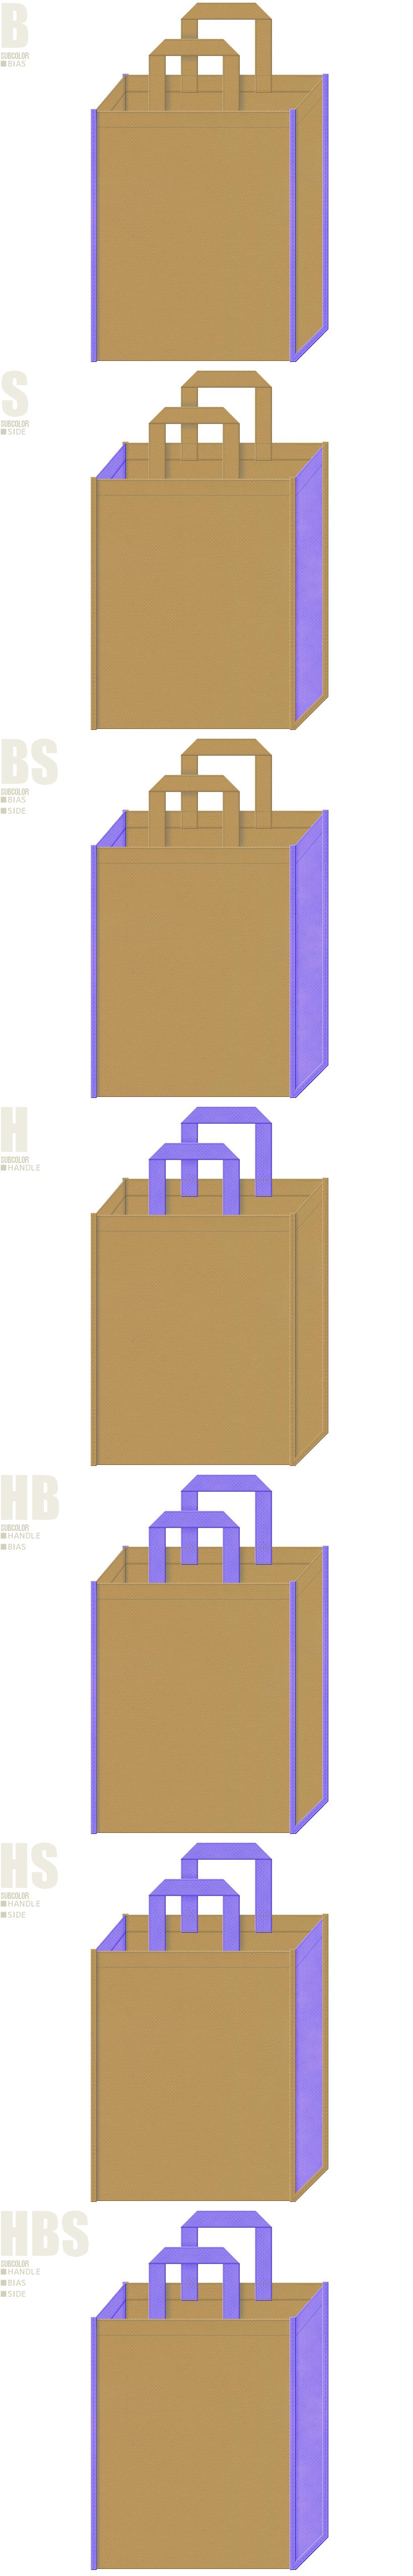 不織布バッグのデザイン:マスタード色と薄紫色の配色7パターン